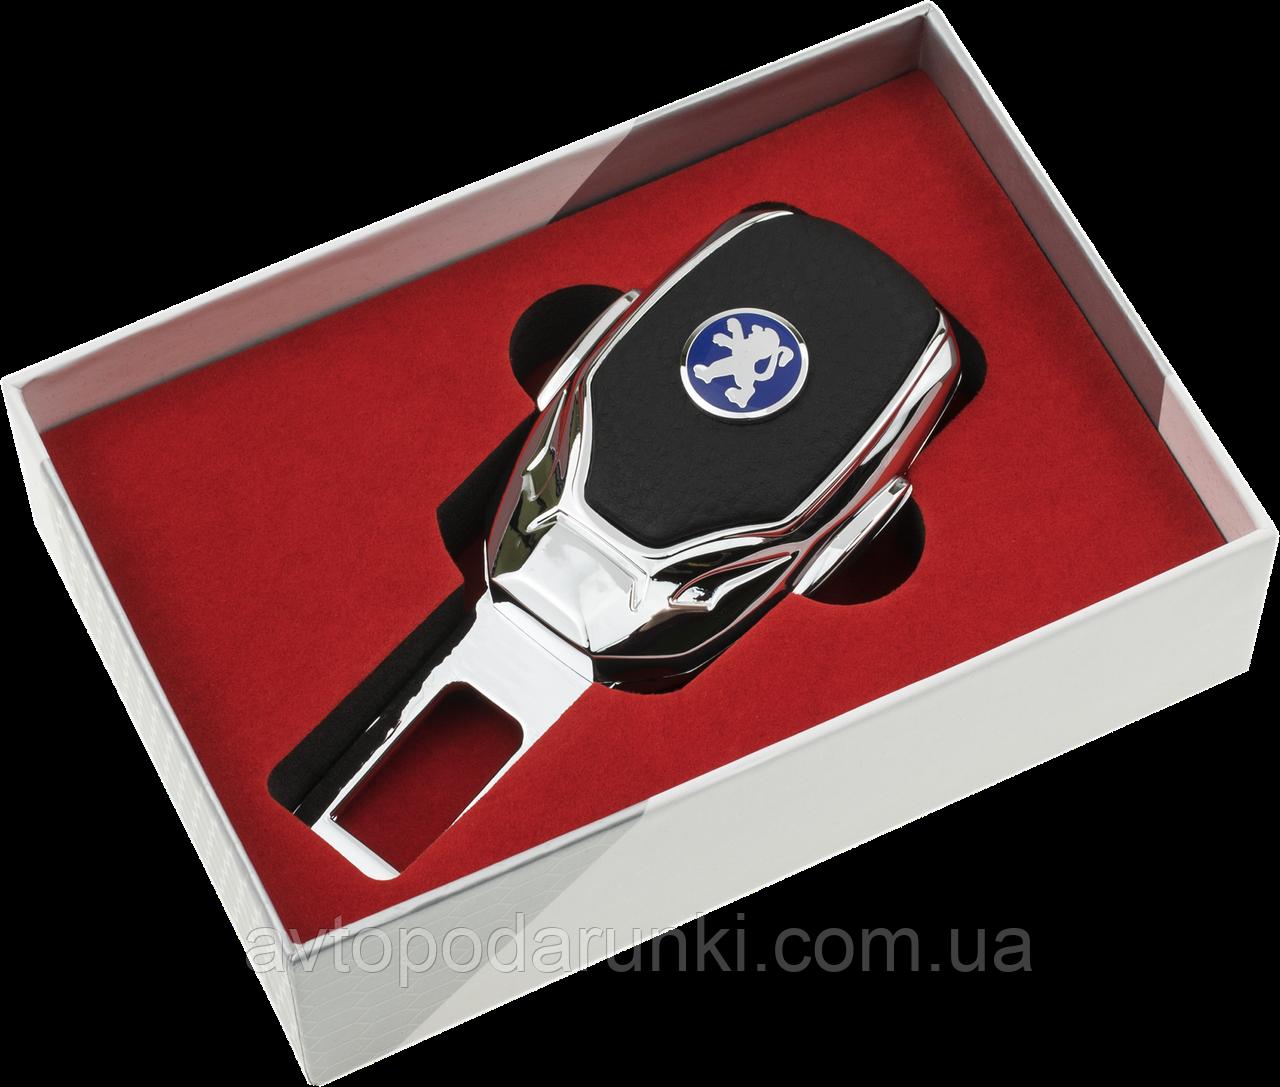 Заглушка - переходник ремня безопасности  с логотипом PEUGEOT VIP КЛАССА (Авиационная сталь, кожа)